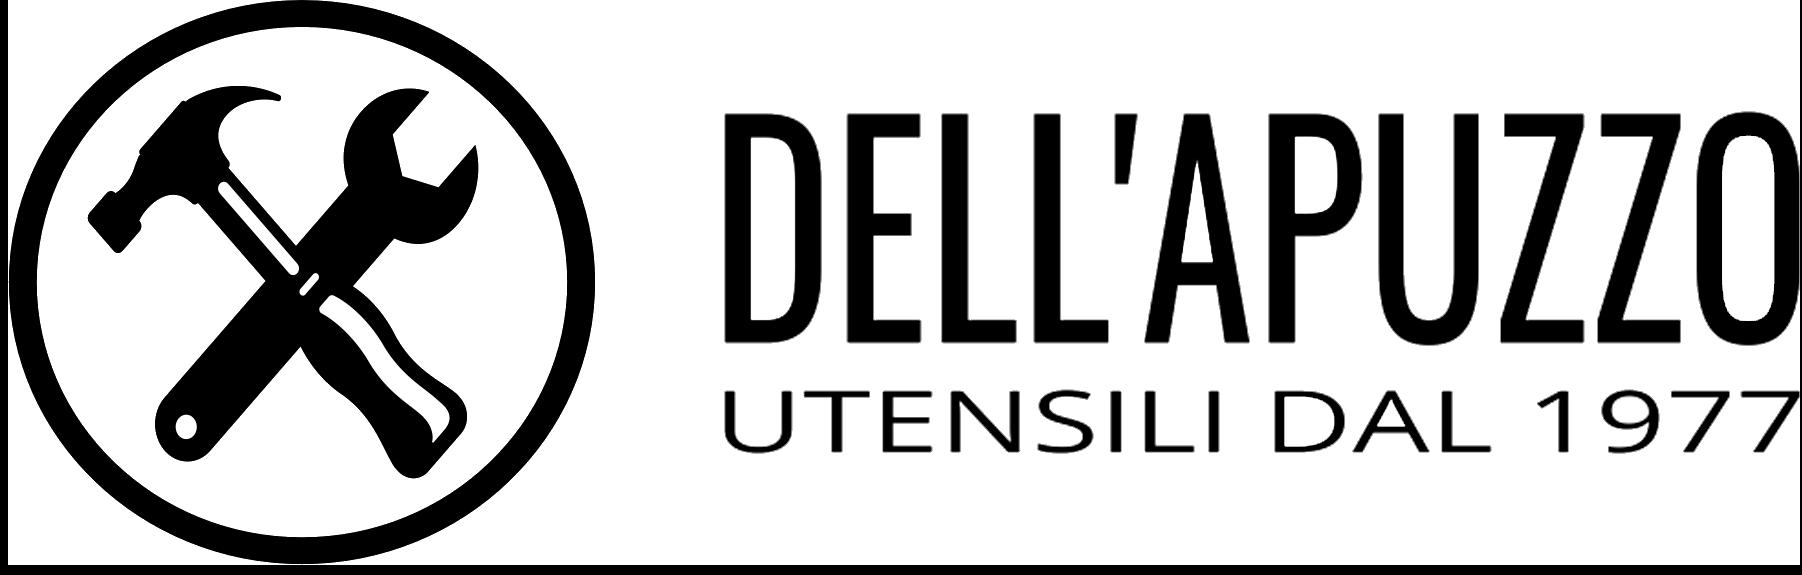 logo dellapuzzo